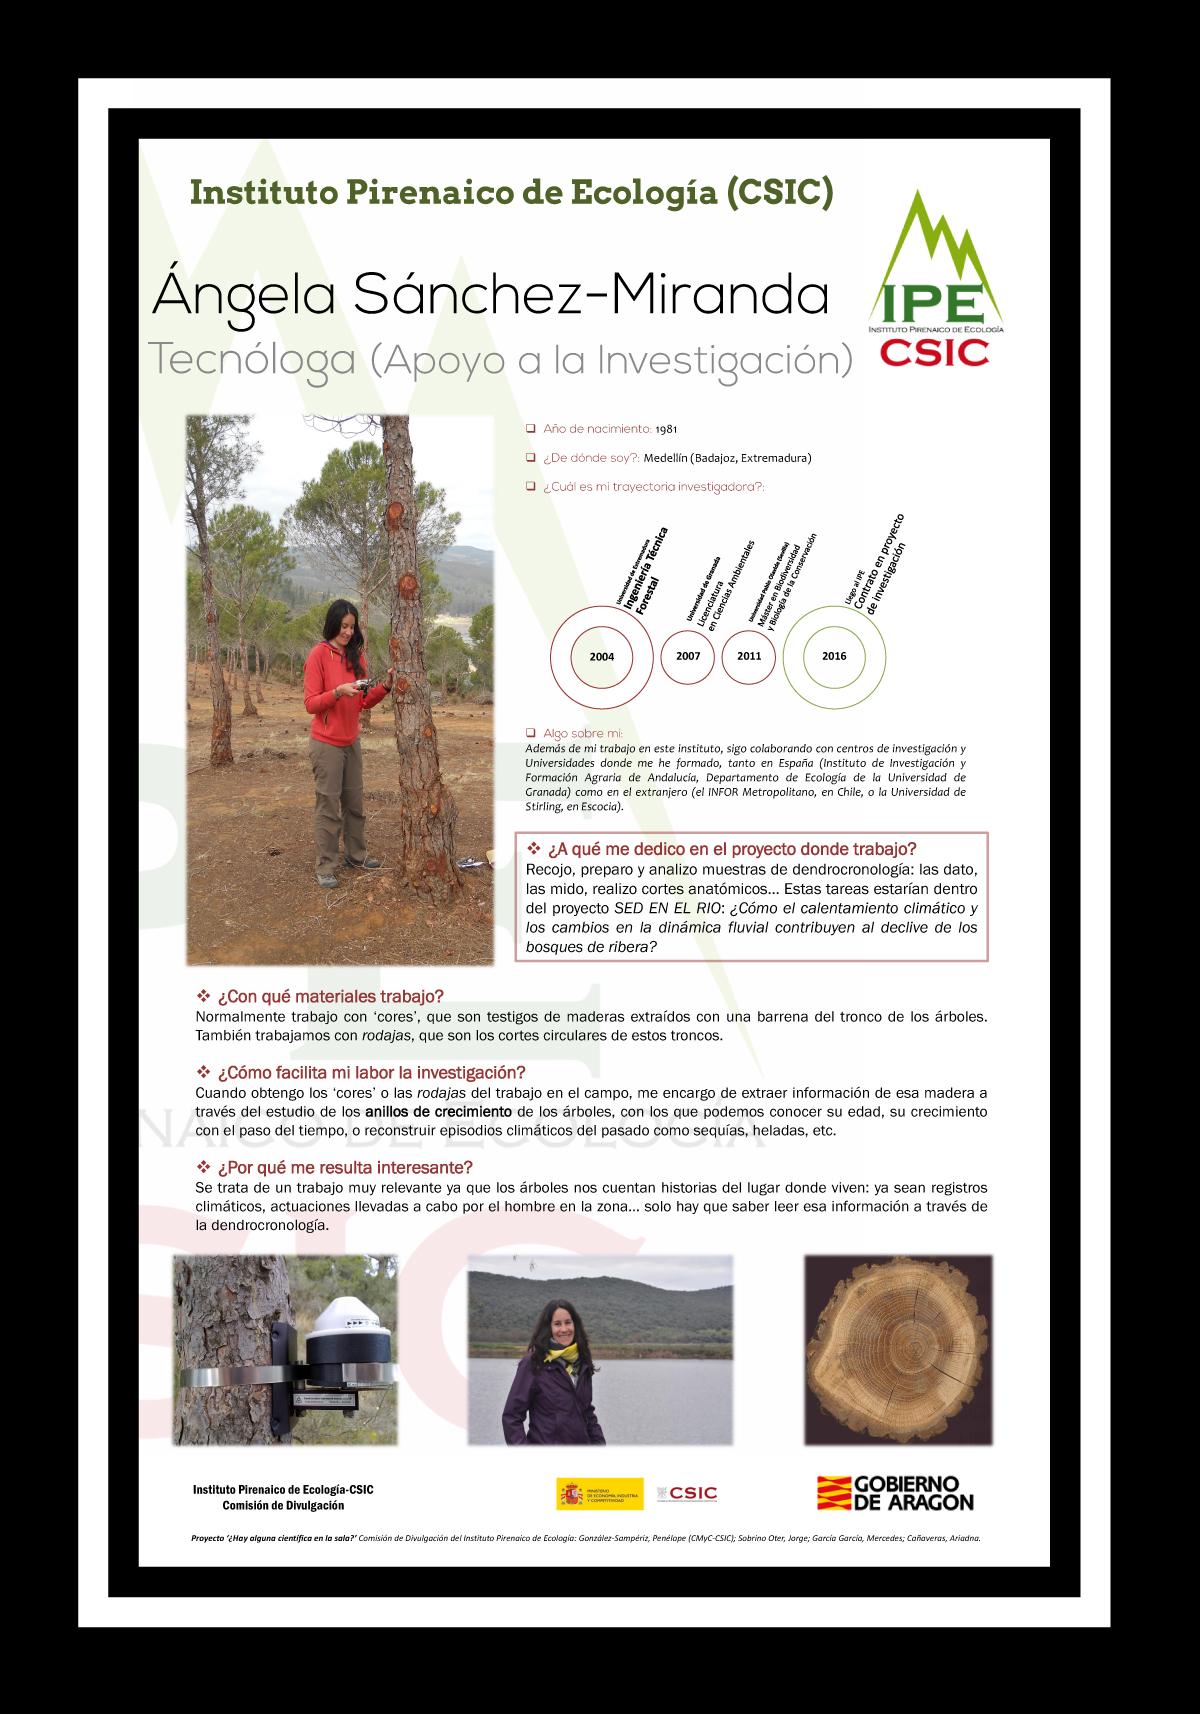 Ángela Sánchez-Miranda